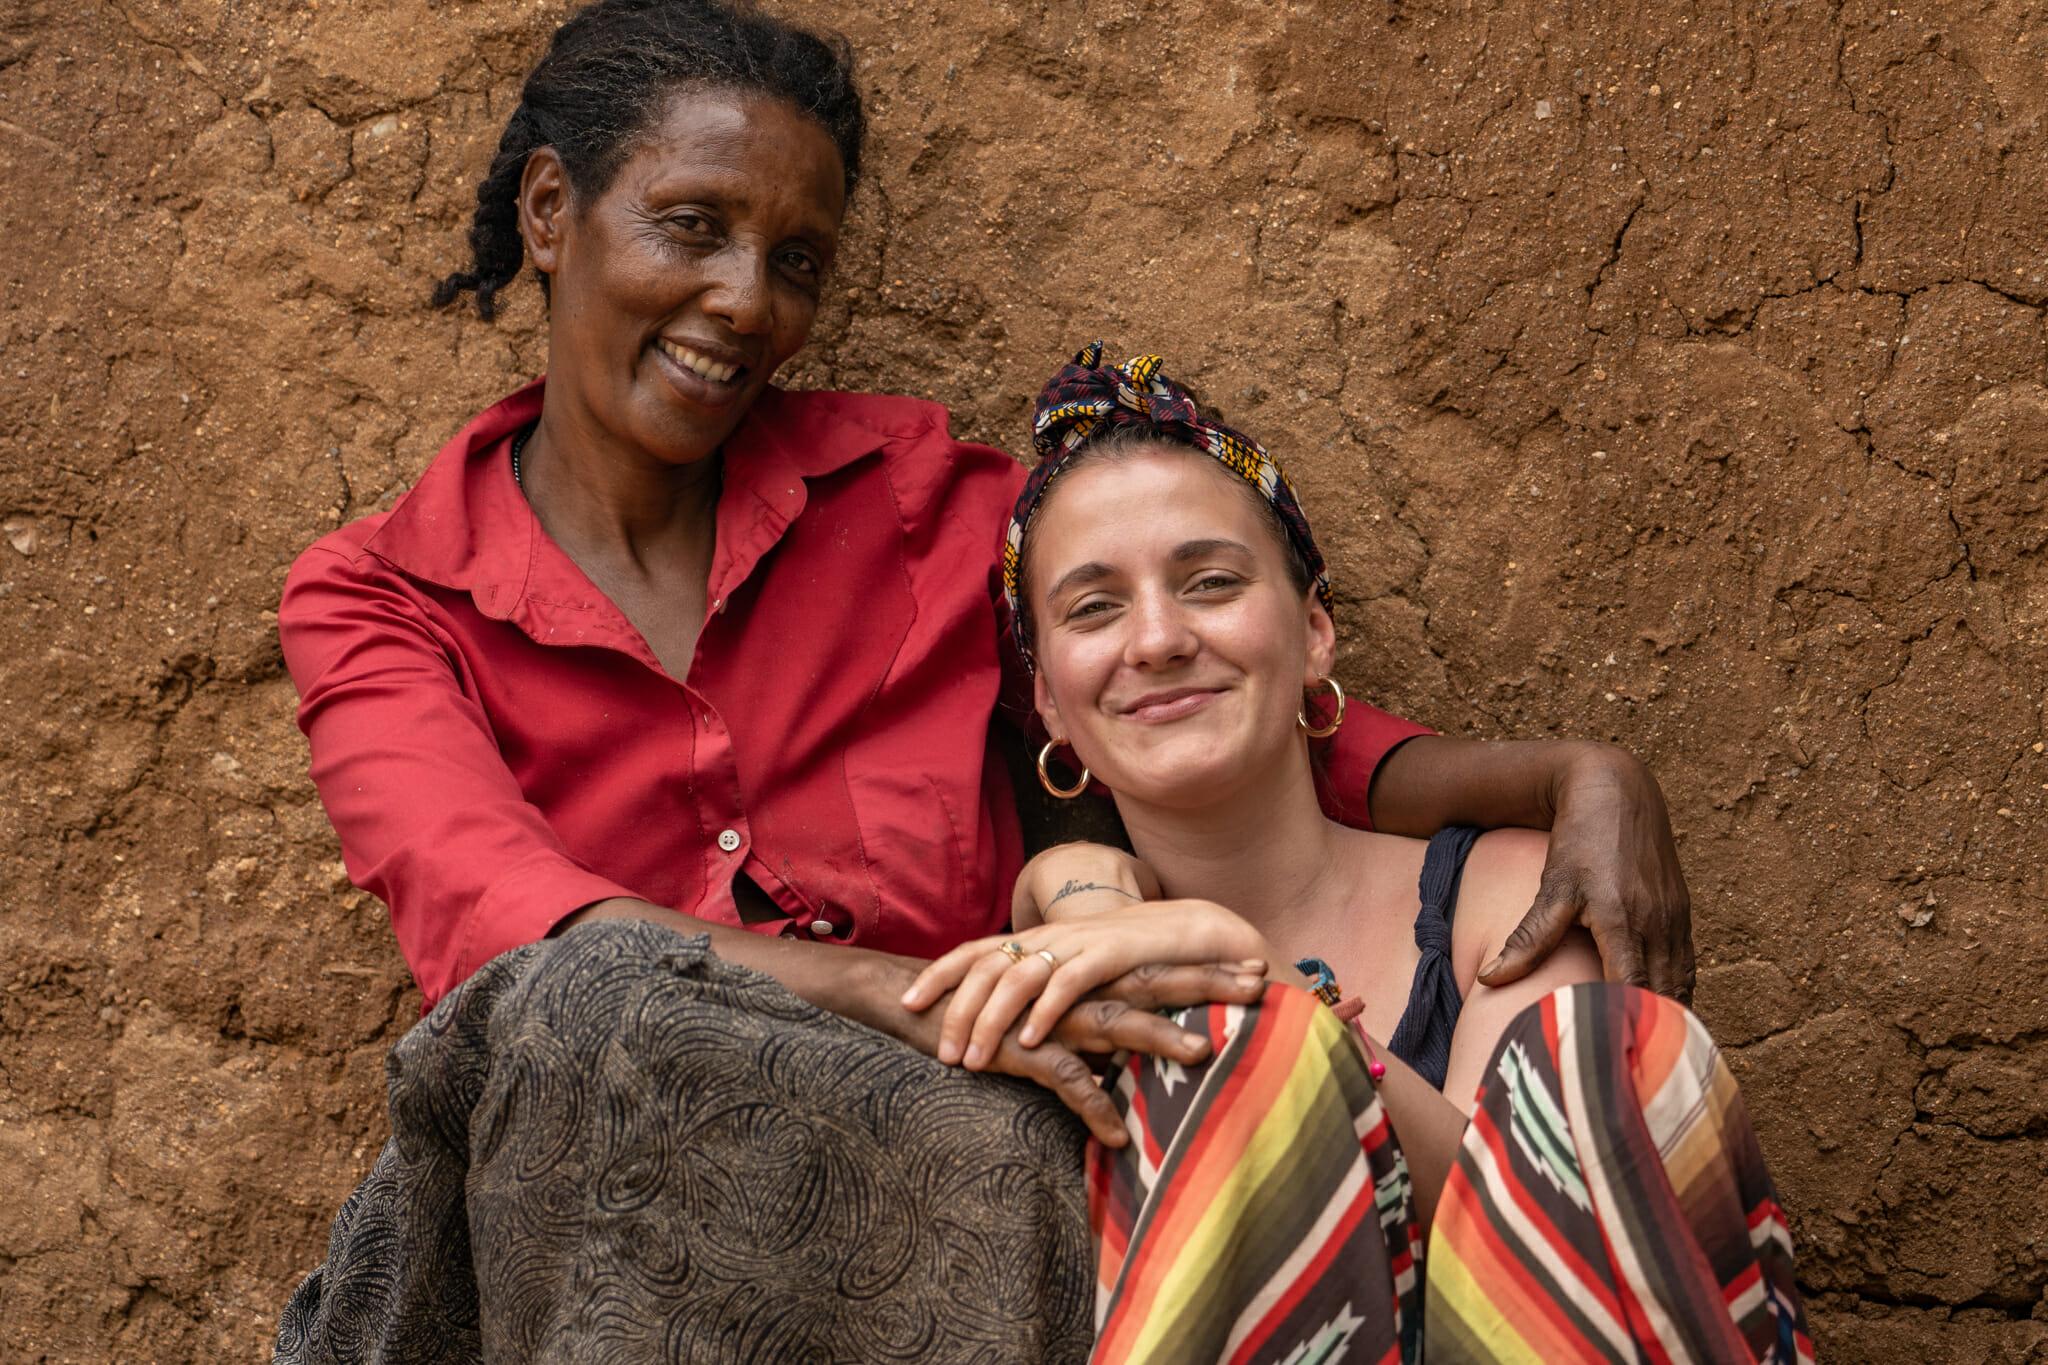 Rencontre avec Mama Marietta lors de l'immersion dans le village d'Endallah en Tanzanie